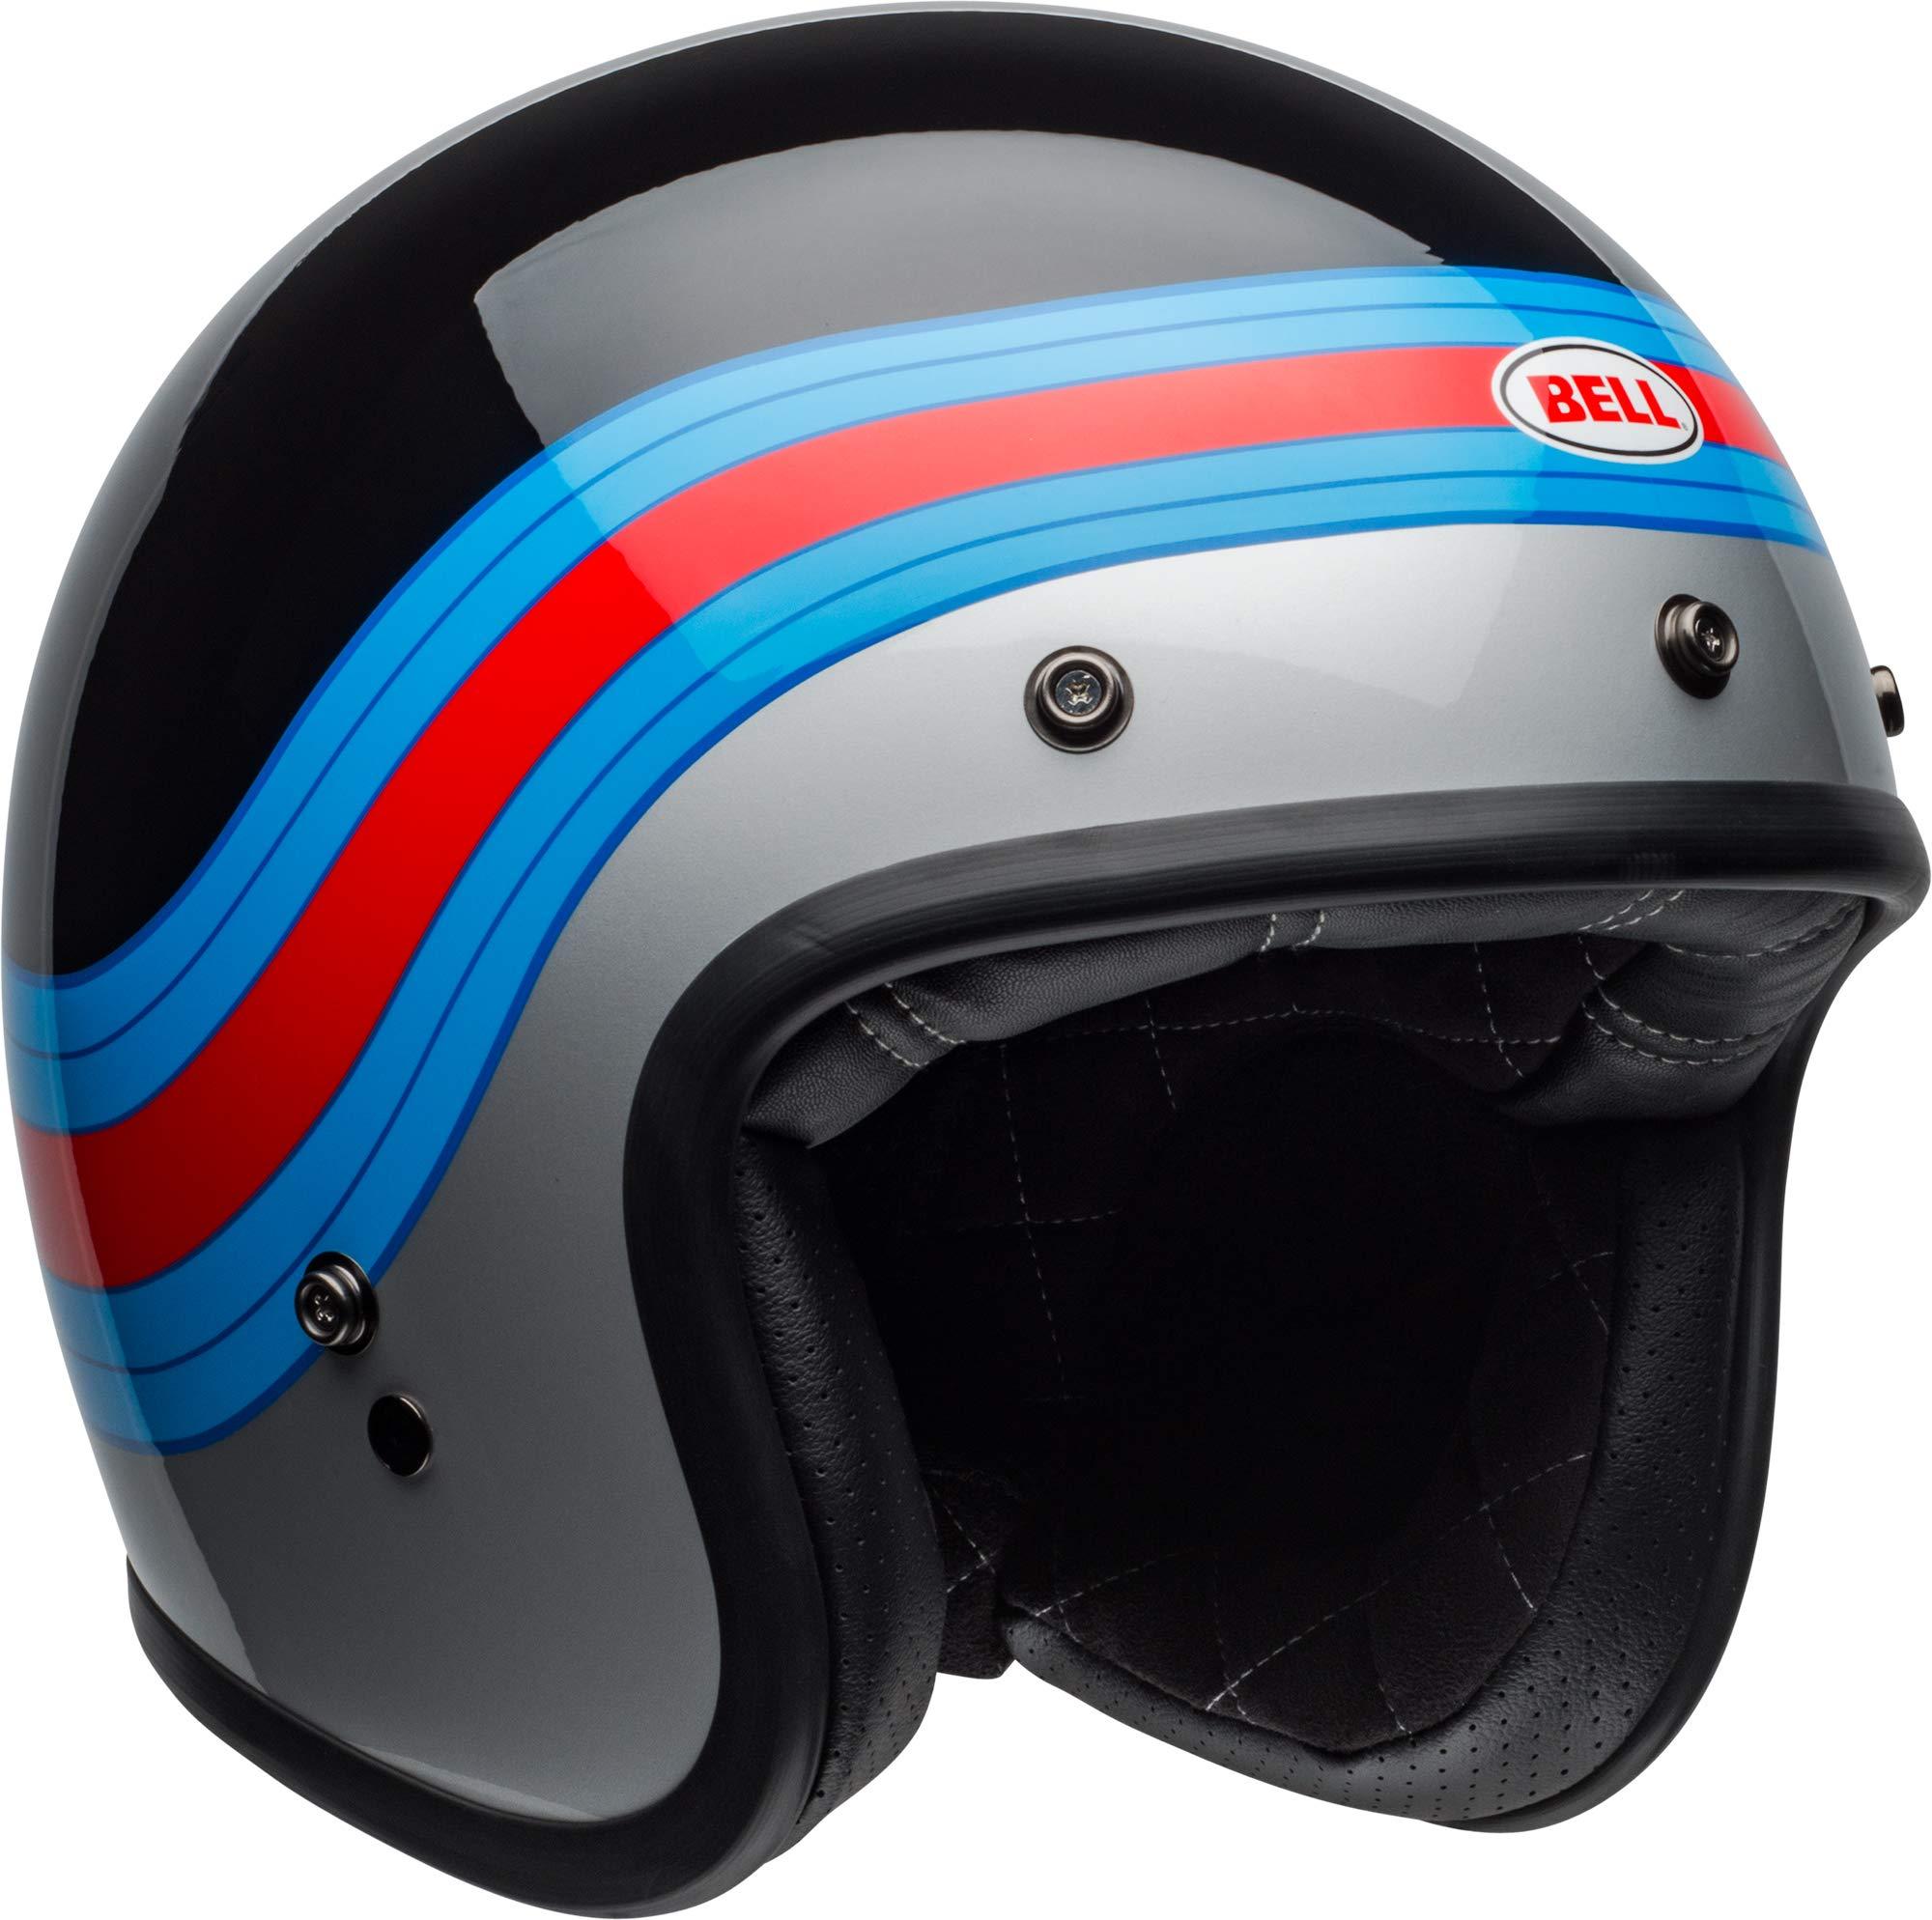 Bell Custom 500 Open-Face Motorcycle Helmet (Pulse Gloss Black/Blue/Red, Medium)